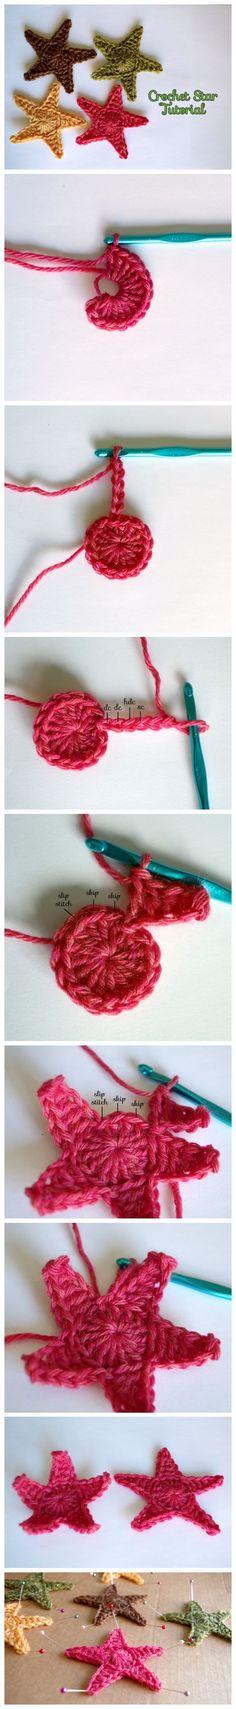 How to make a crochet star | diyfunidea.com